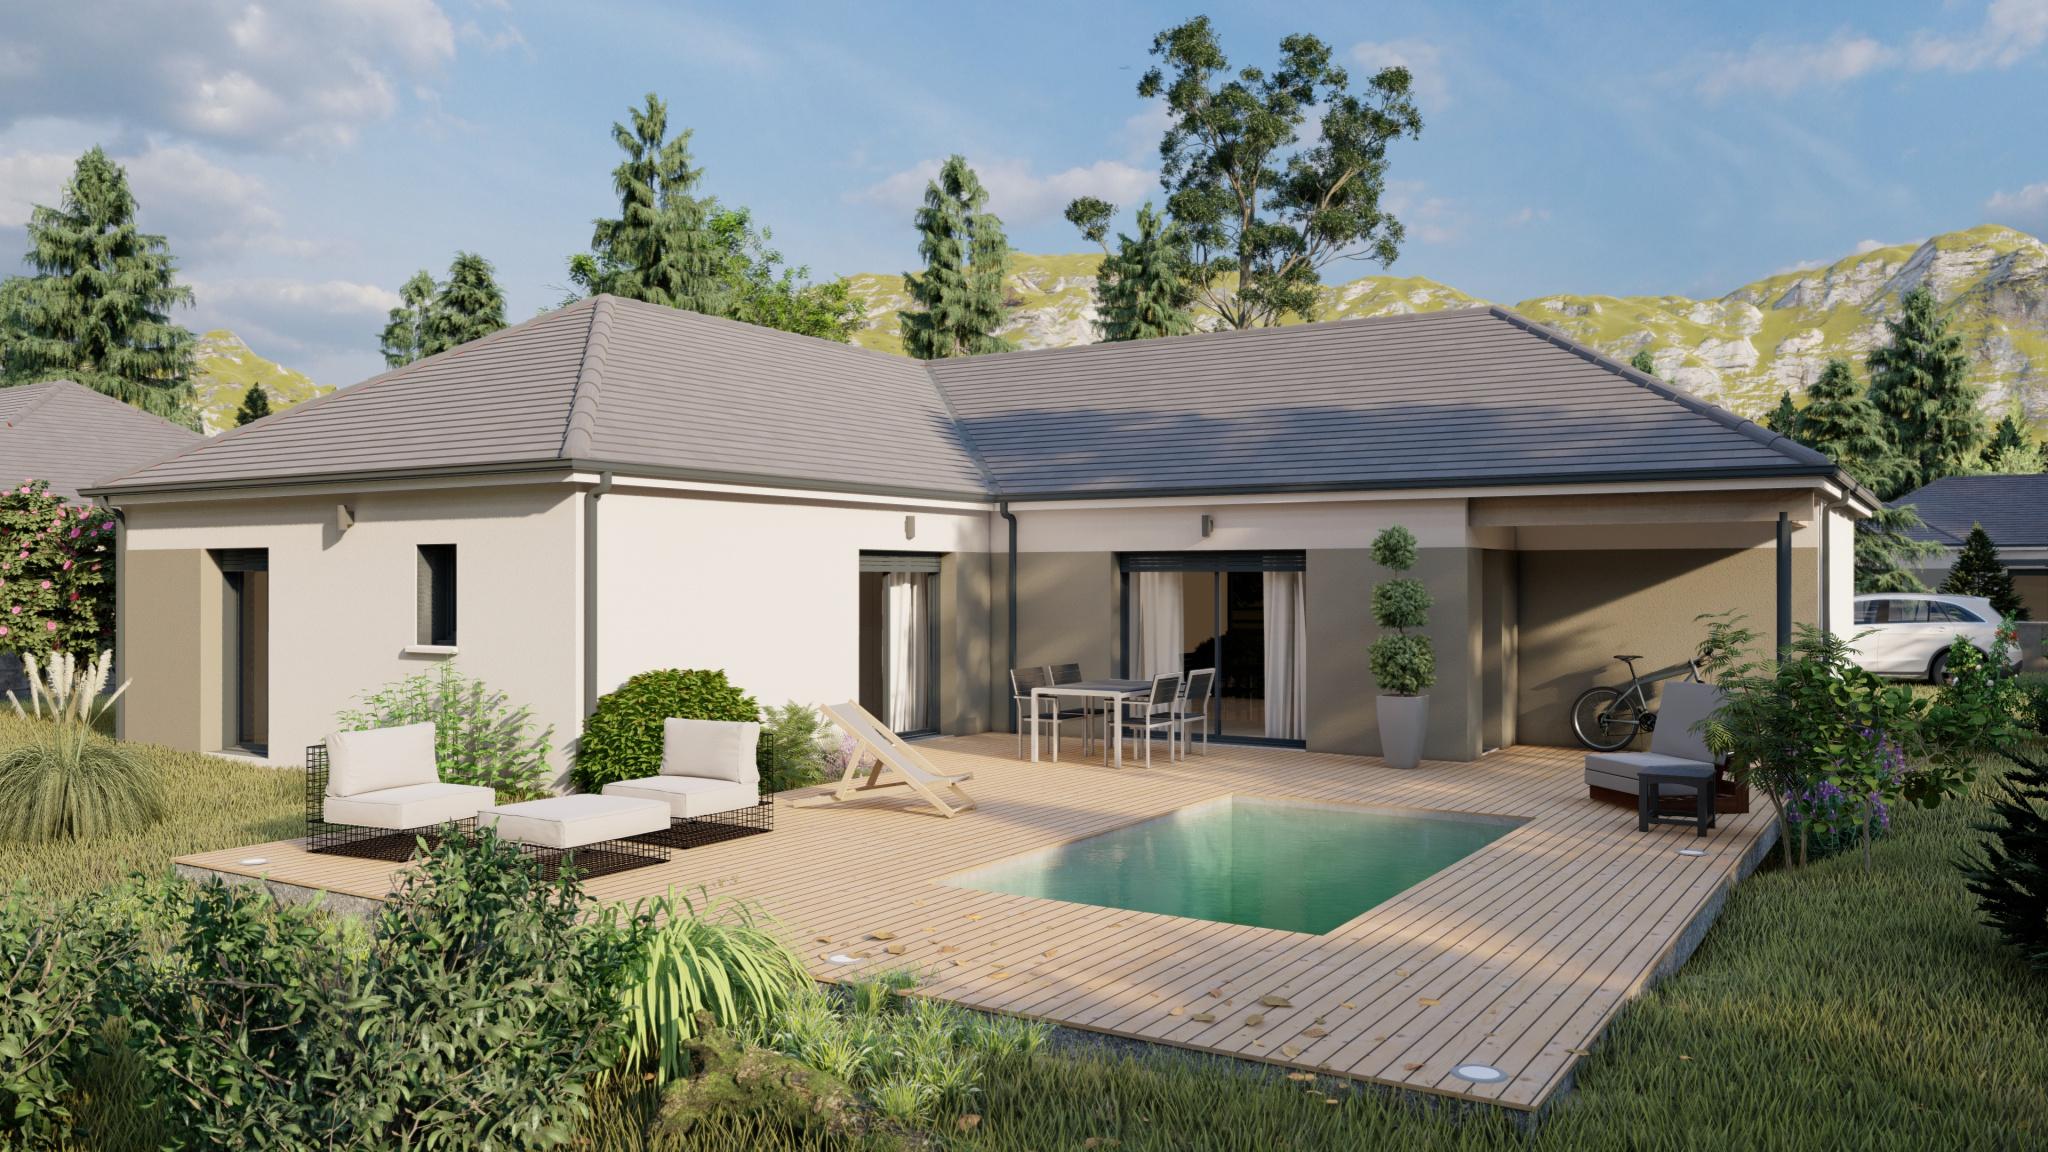 Vente maison à Beuste (64800) de 120 m2 habitable sur terrain de 688 m2